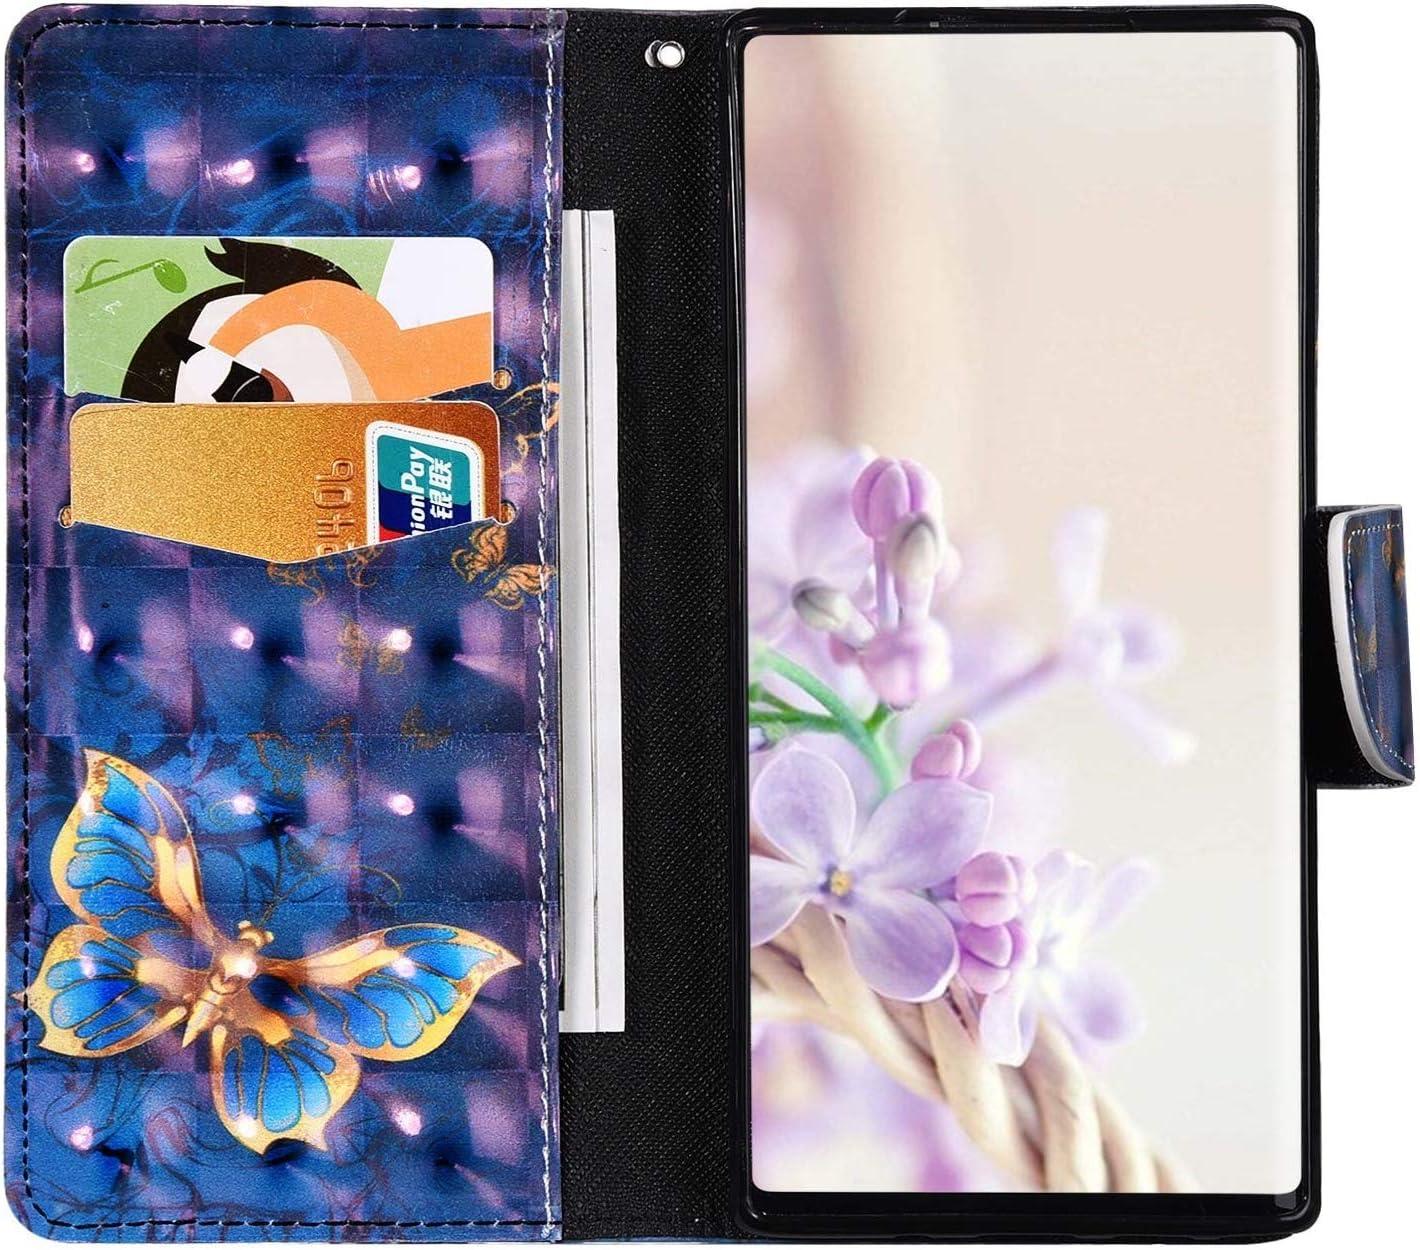 Mignon Motif Design Cuir PU Flip Portefeuille Fermeture Magn/étique Wallet Carte de Cr/édit Stand Case Cover Housse de Protection,Chat QPOLLY Coque Compatible avec iPhone 6 Plus//6S Plus /Étui /à Rabat